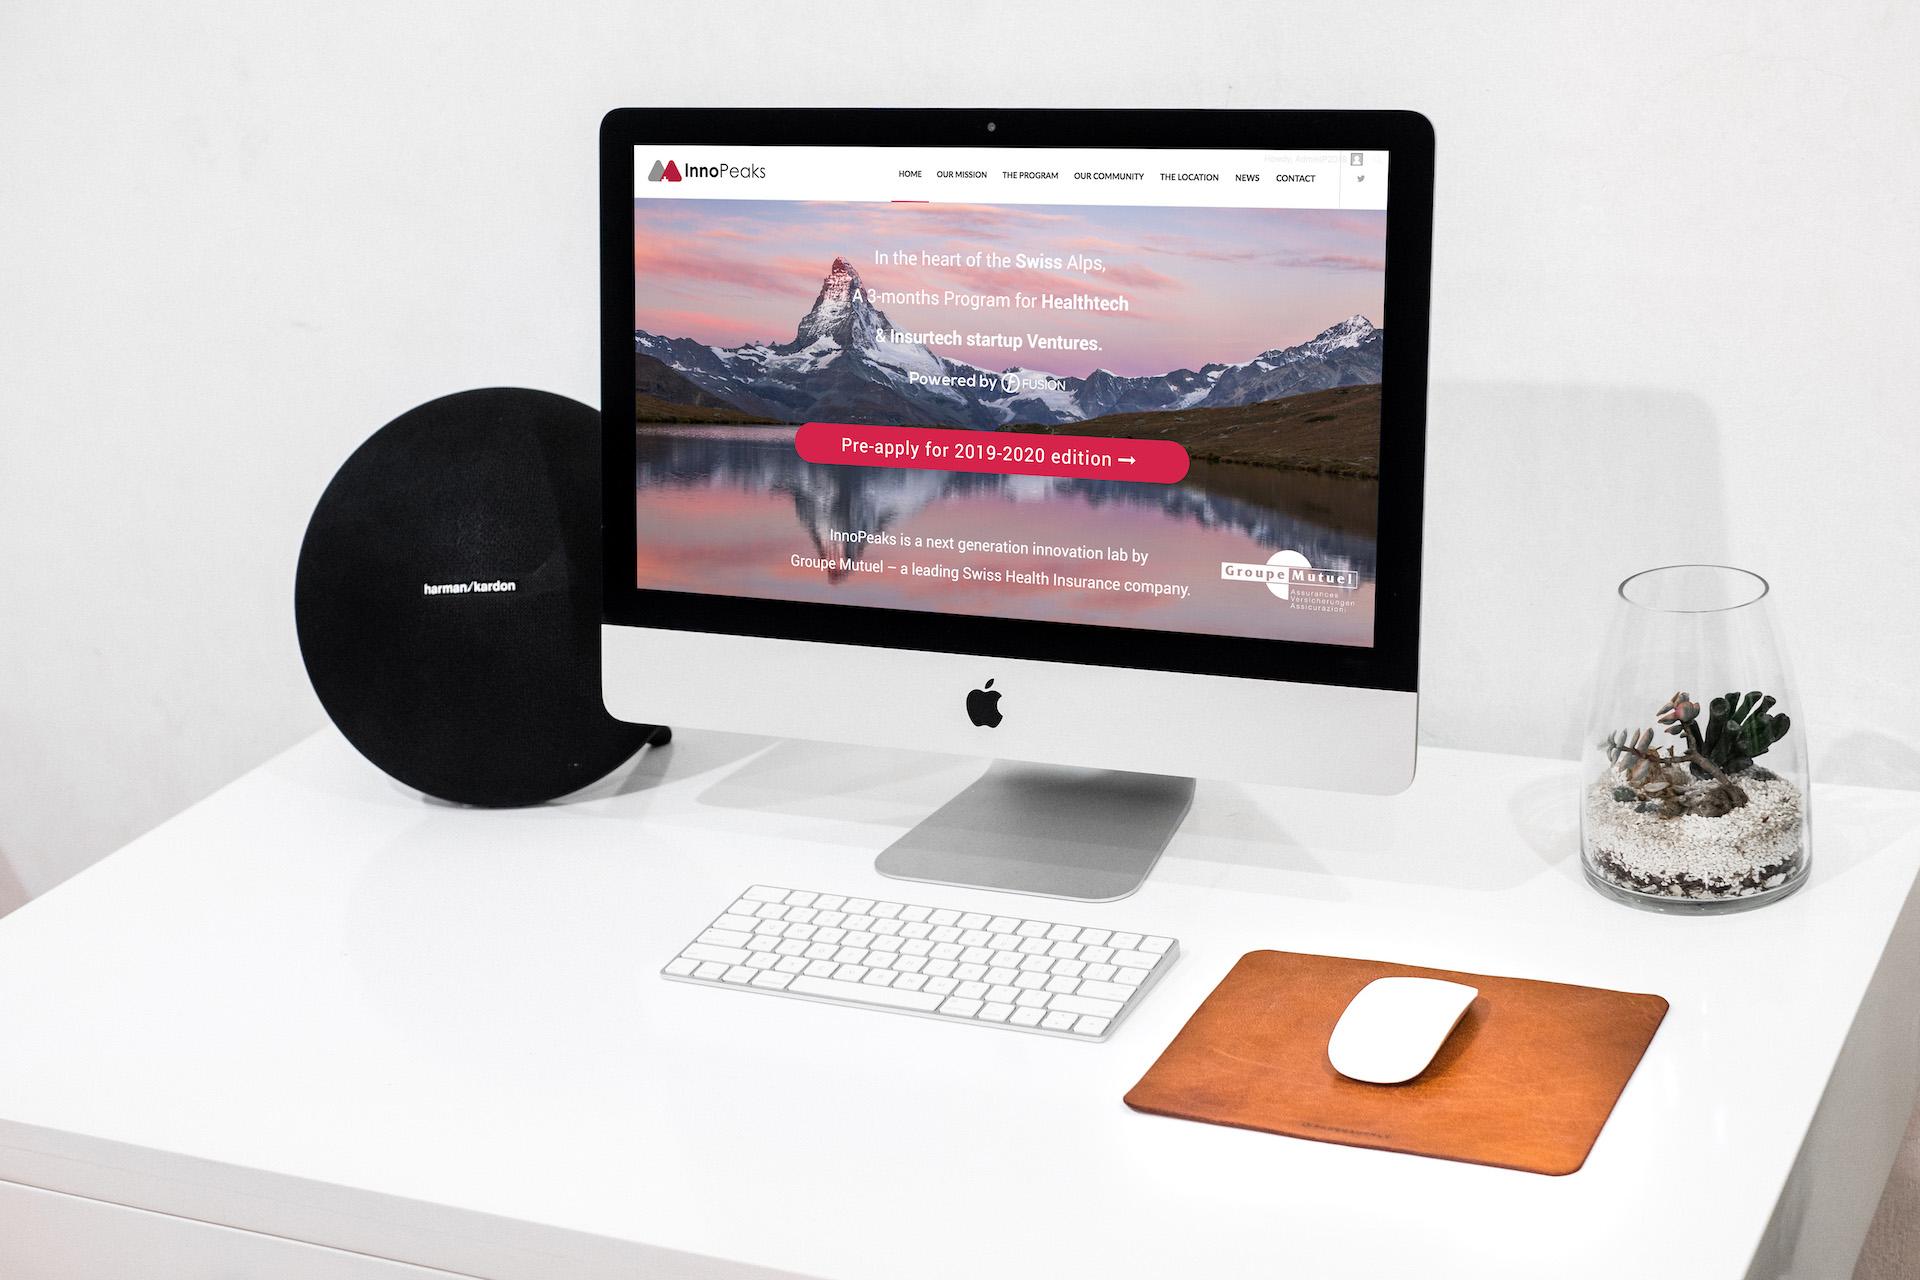 iMac posé sur un bureau allumé avec la page internet du site Innopeaks